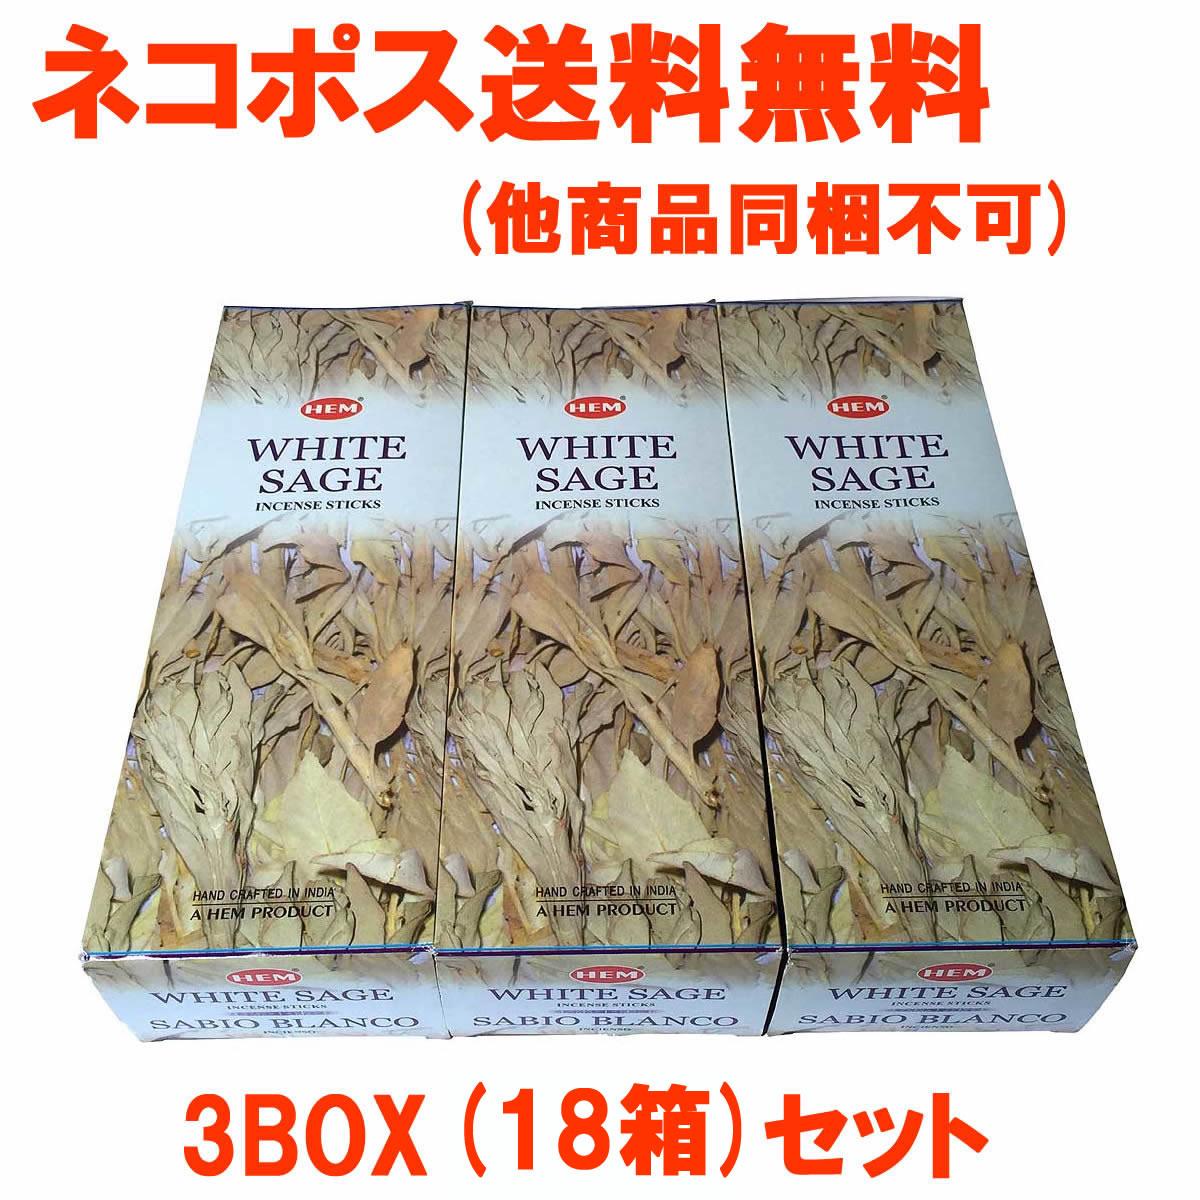 3BOX(18箱)送料無料